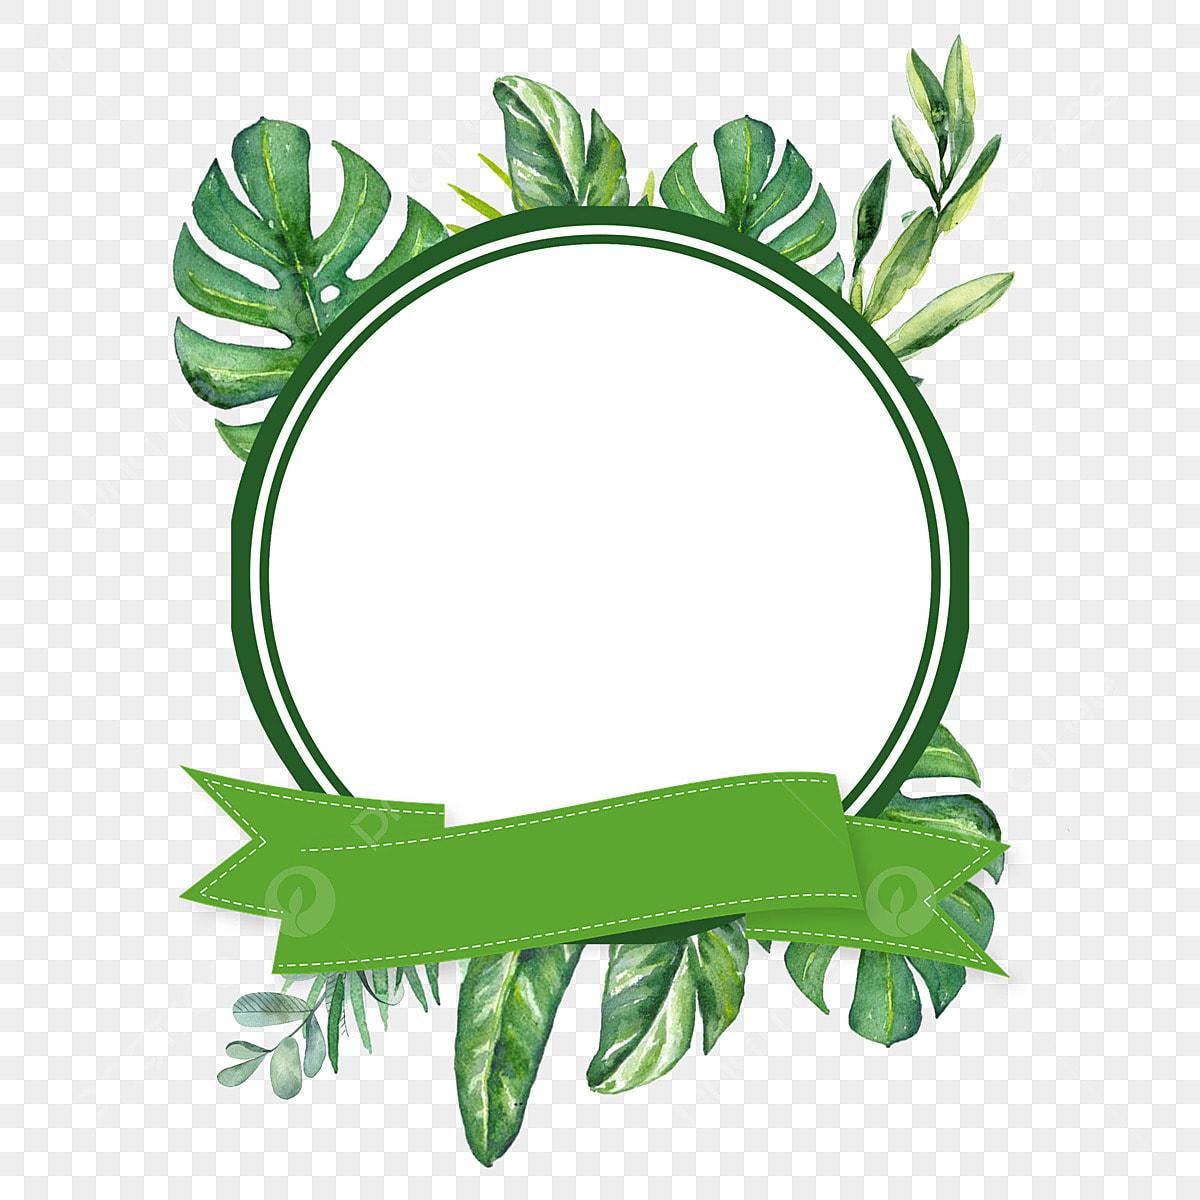 gambar lace unsur unsur rangka daun hijau hijau daun bingkai gambar png dan psd untuk muat turun percuma https ms pngtree com freepng lace frame elements of green leaves 3713138 html